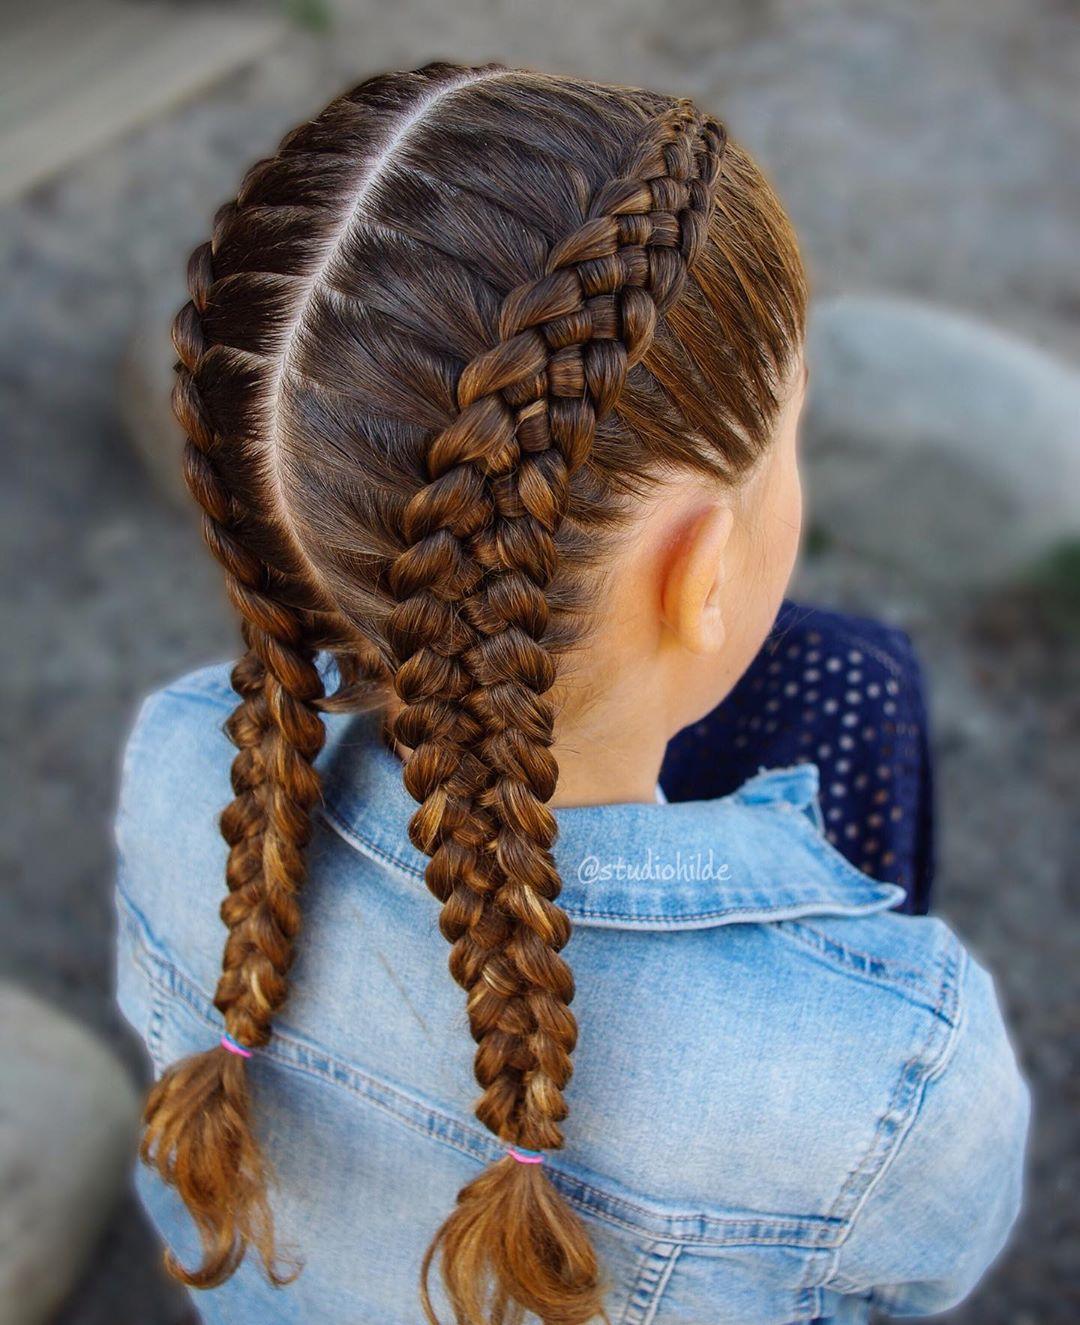 مدل بافت مو دخترانه فرانسوی شیک